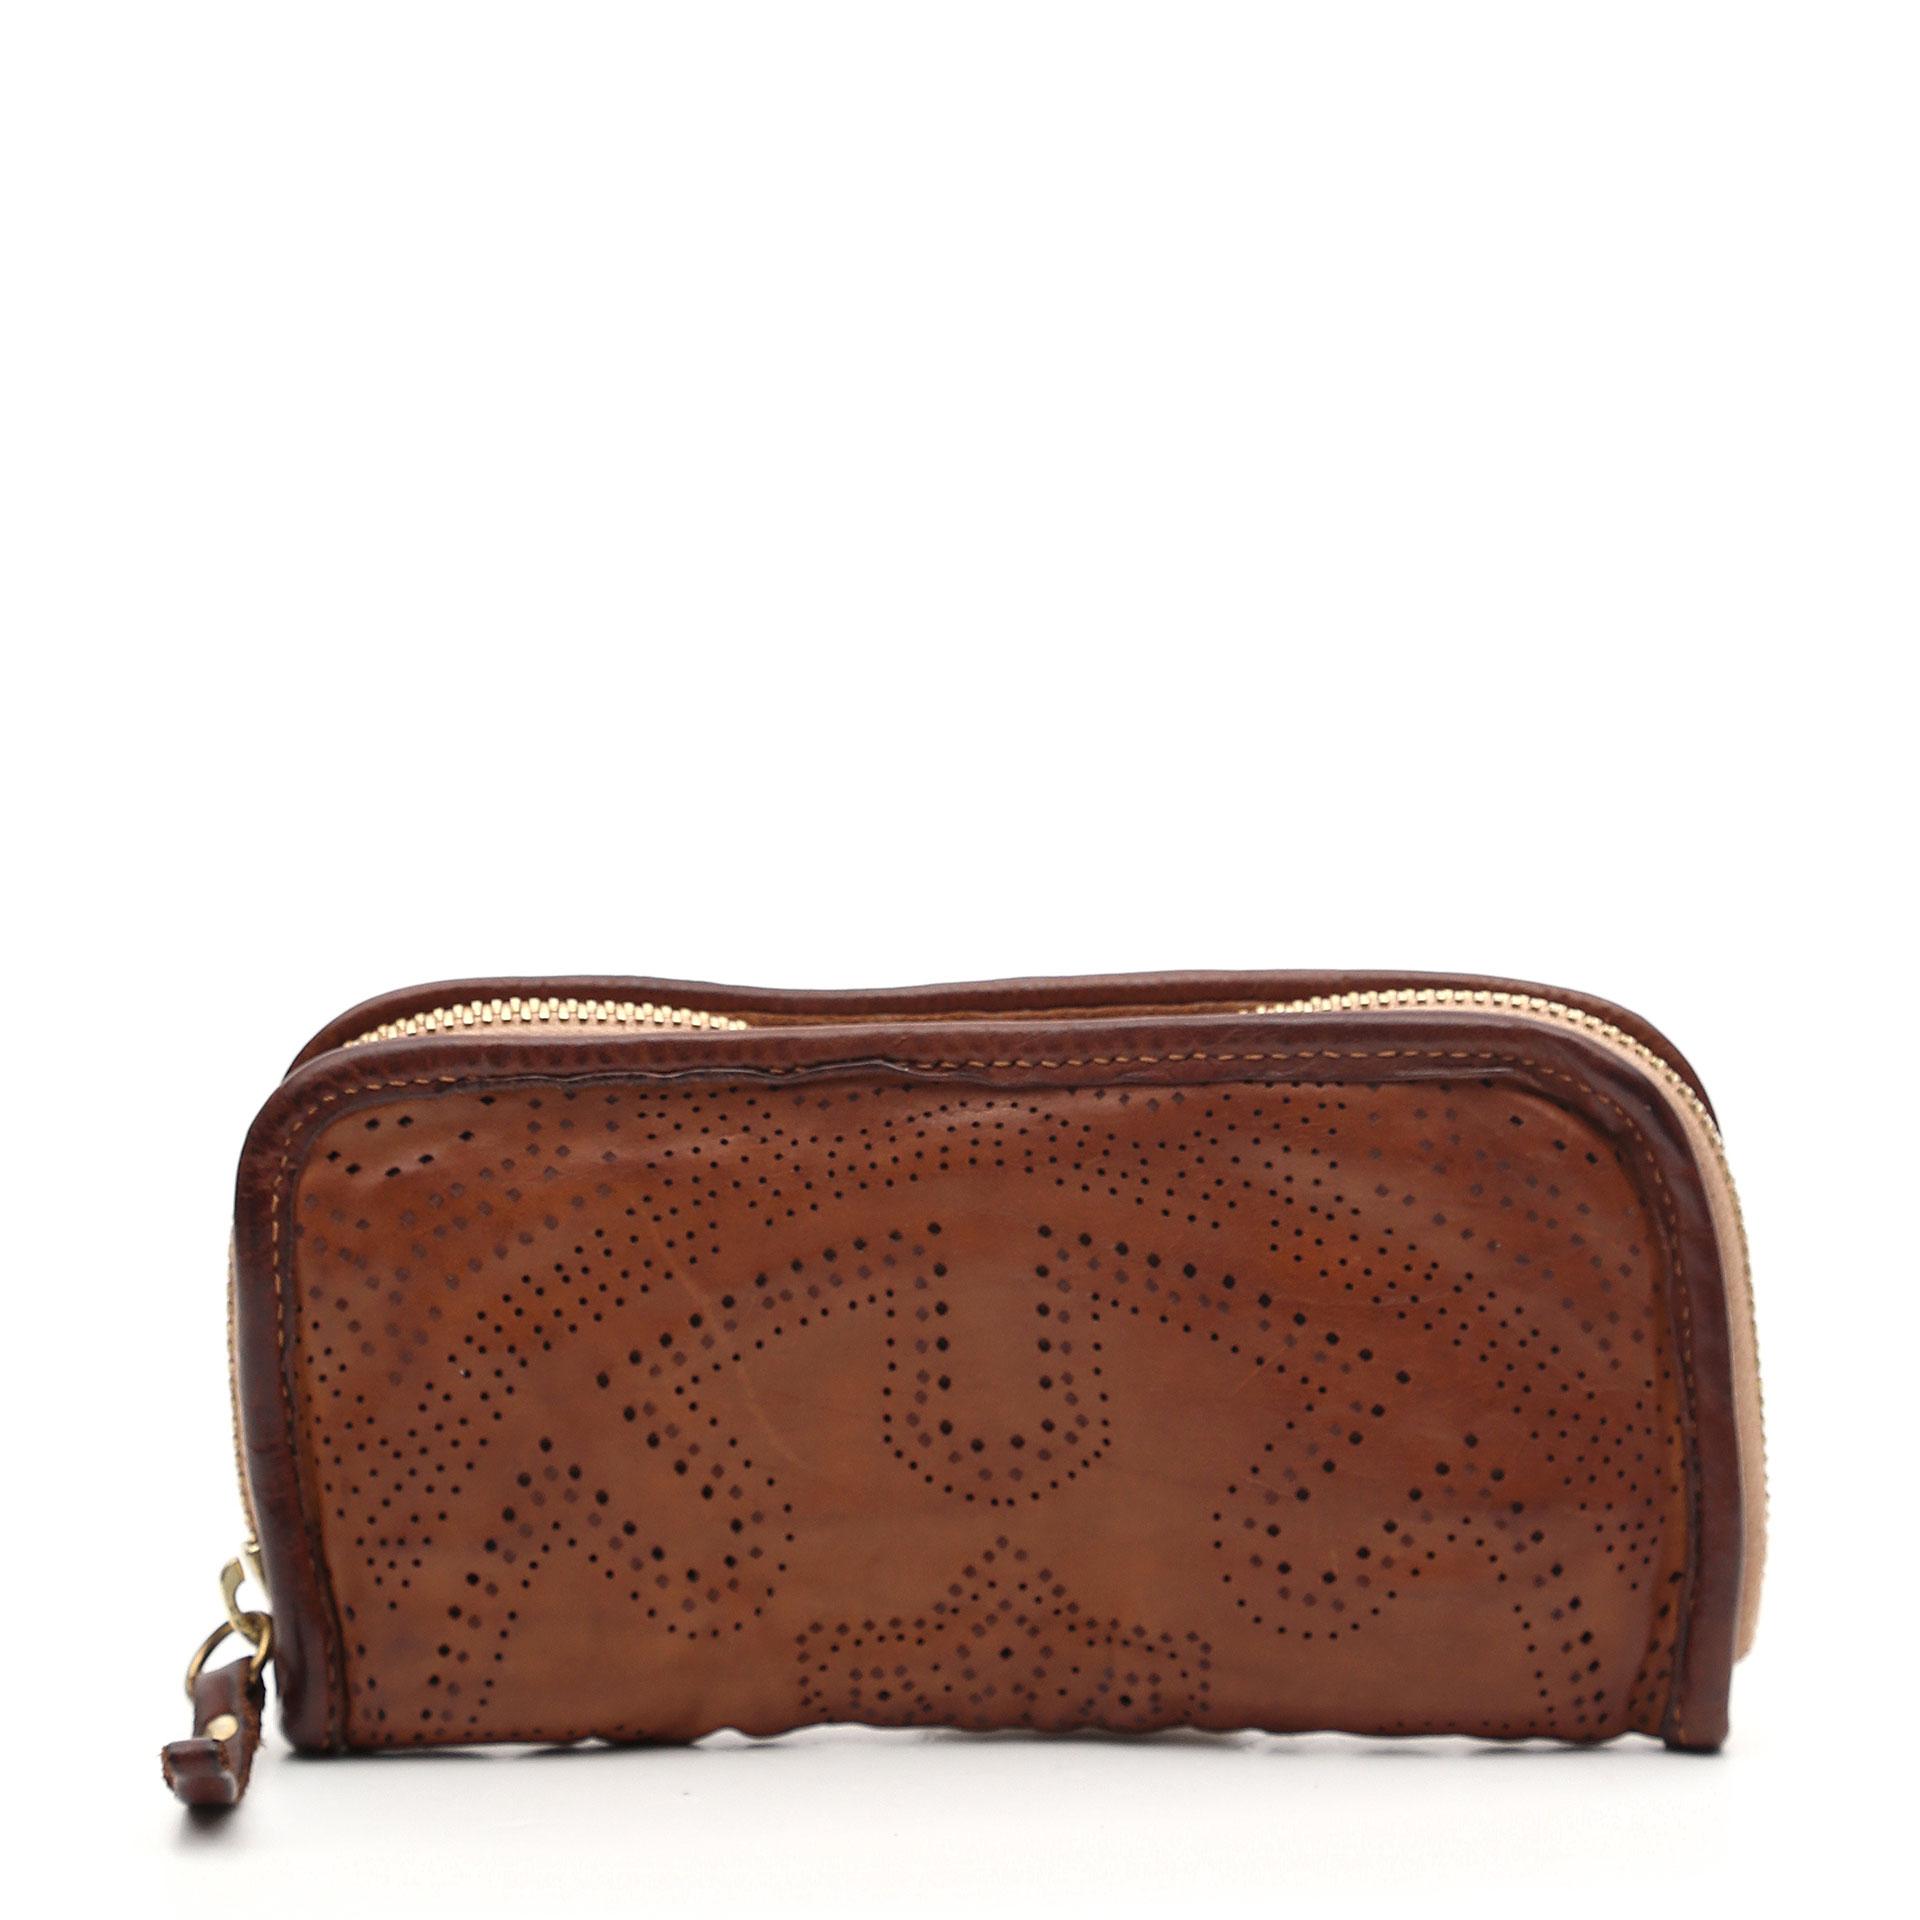 Campomaggi Traforo Geldbörse aus Leder mit geometrischem Stanzmuster cognac